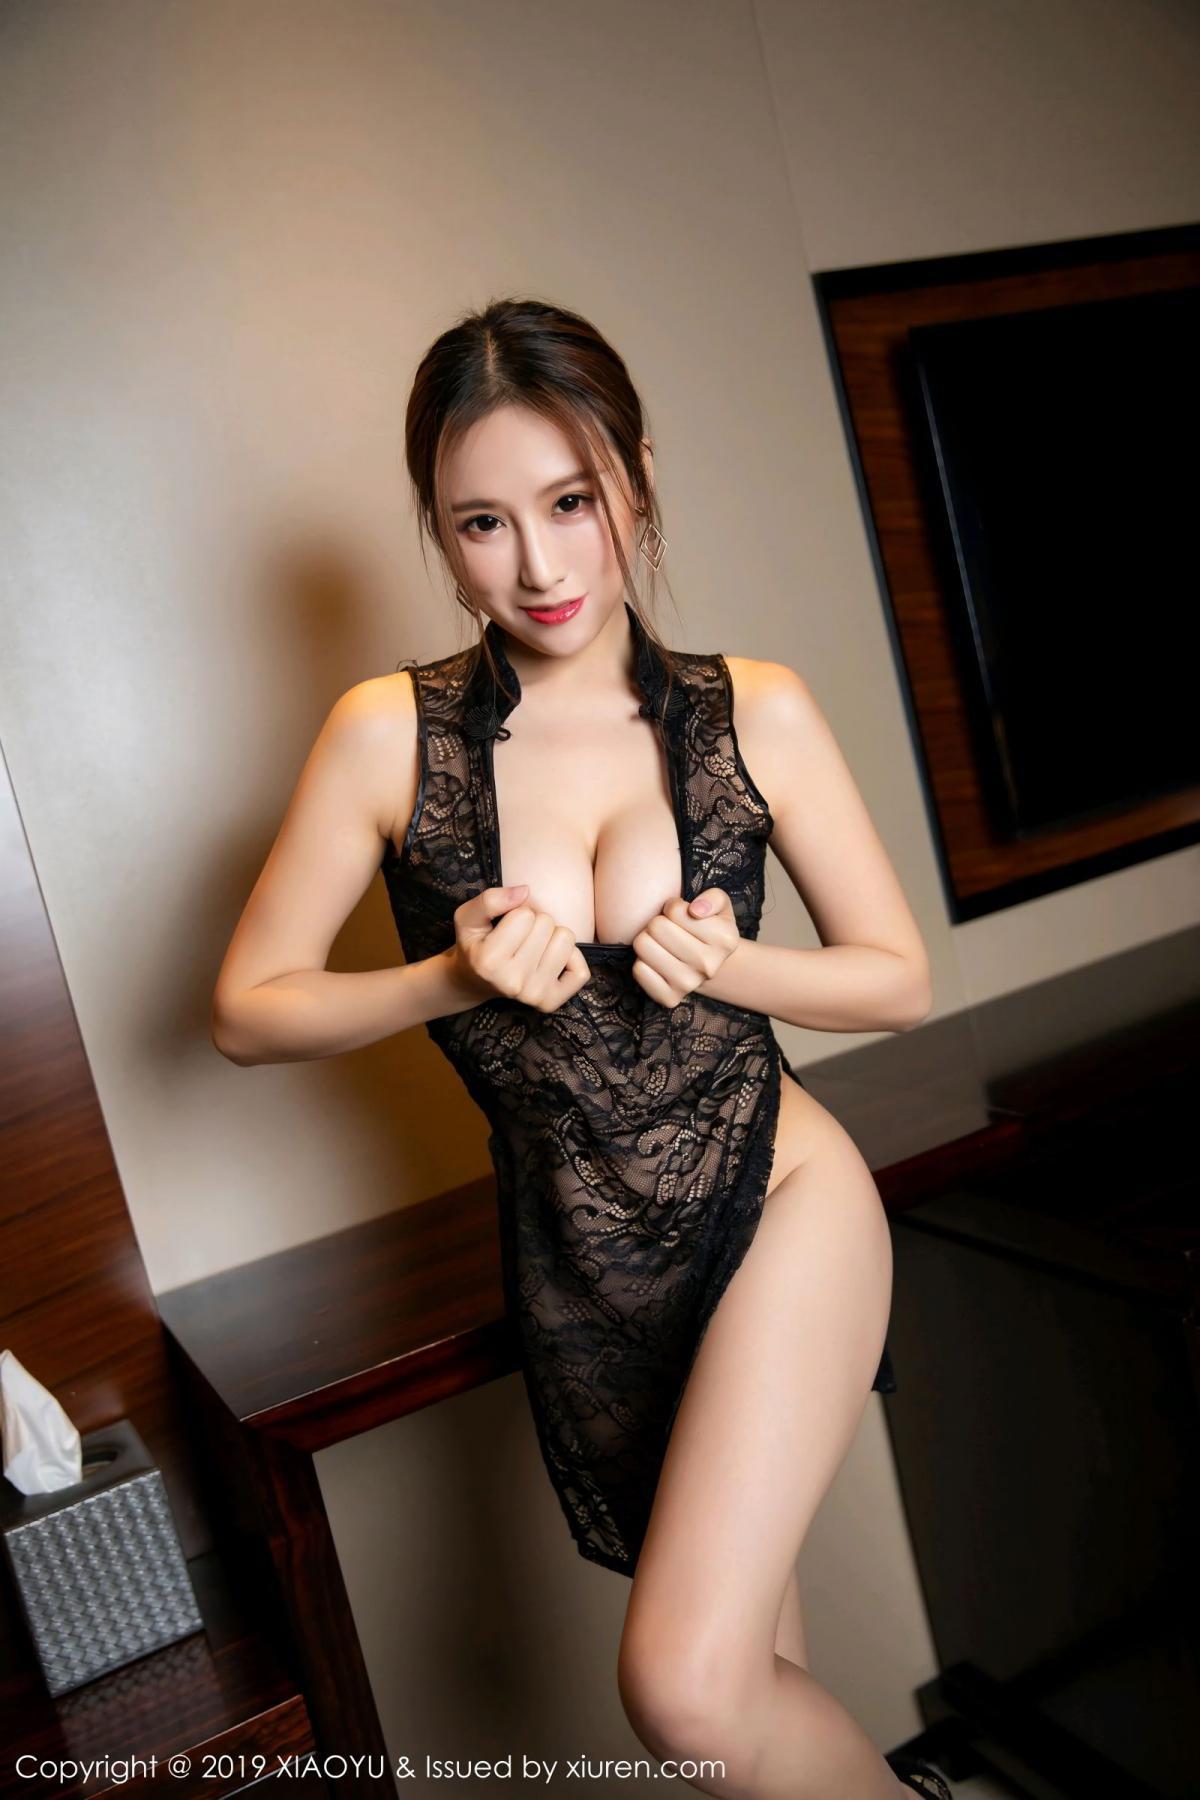 [XiaoYu] Vol.108 Yue Yin Tong 30P, Underwear, XiaoYu, Yue Yin Tong